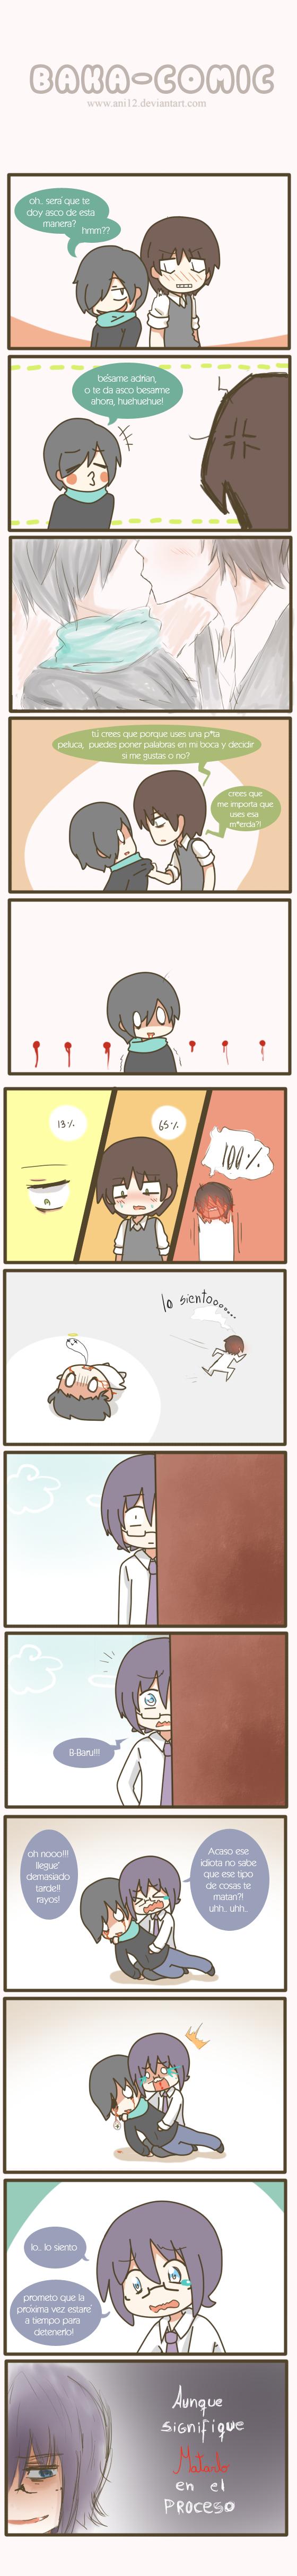 Baka-Comic 23/ parte 2 by ani12